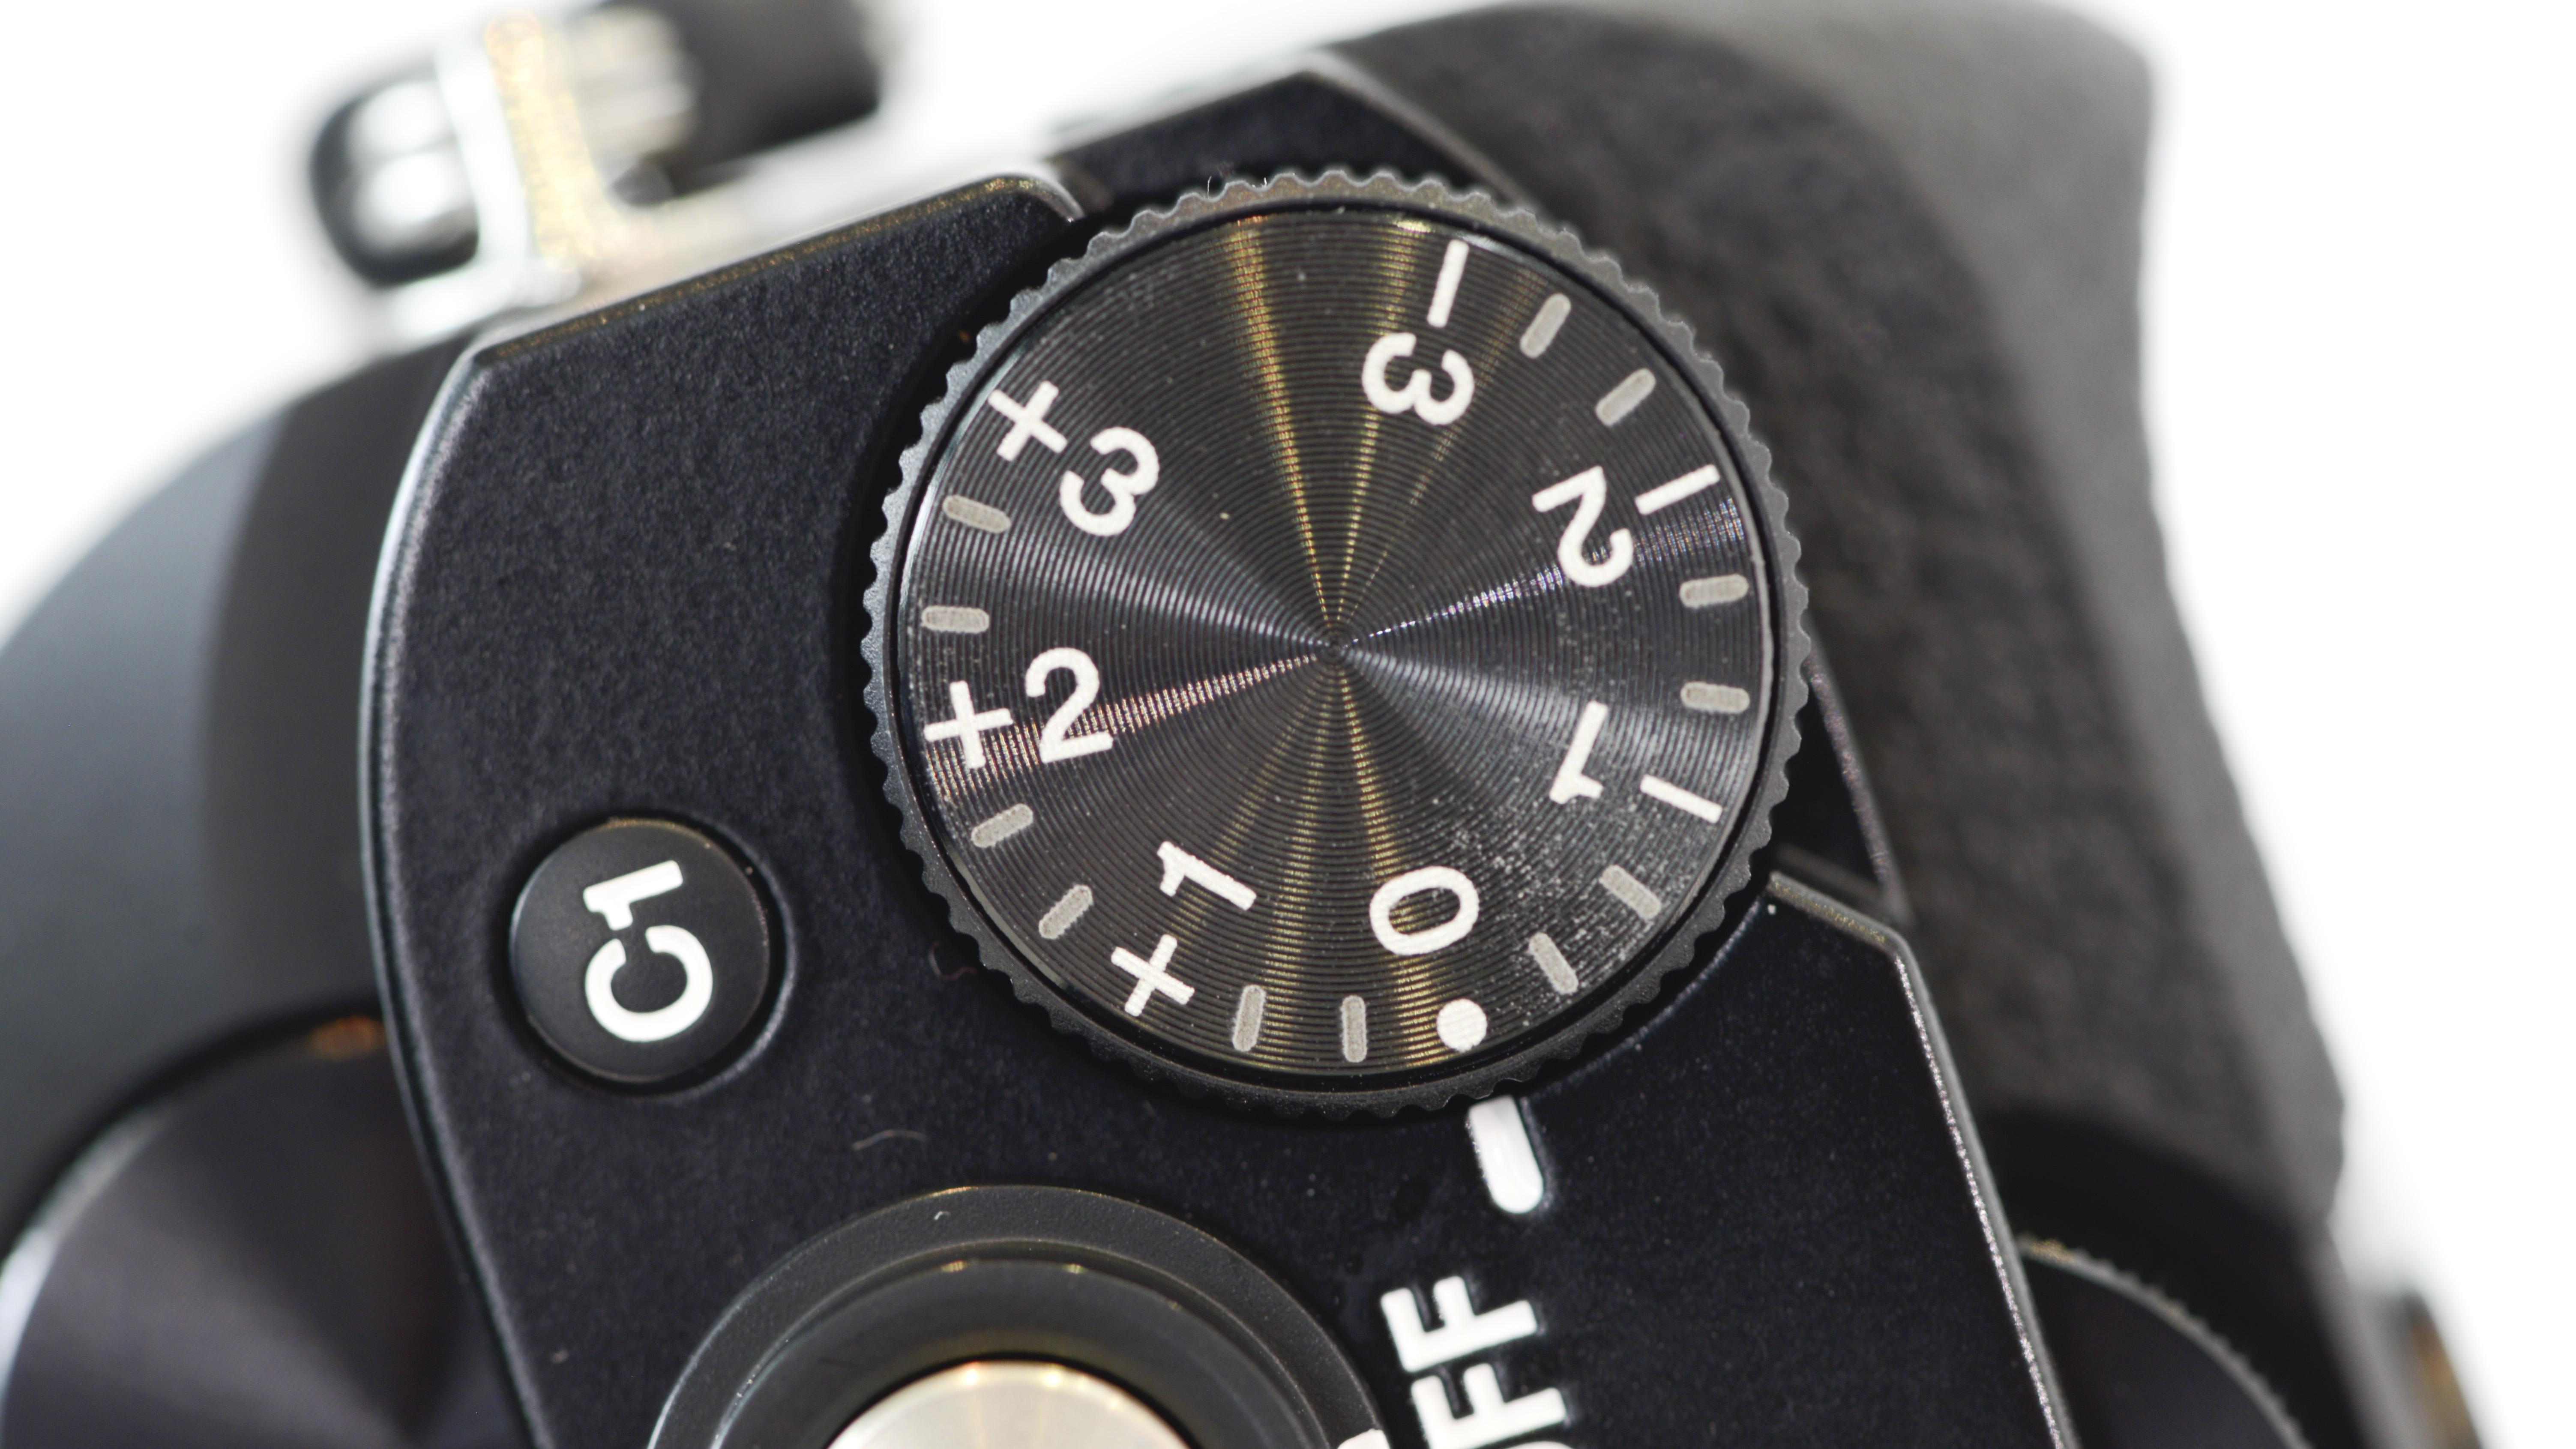 Exposure dial